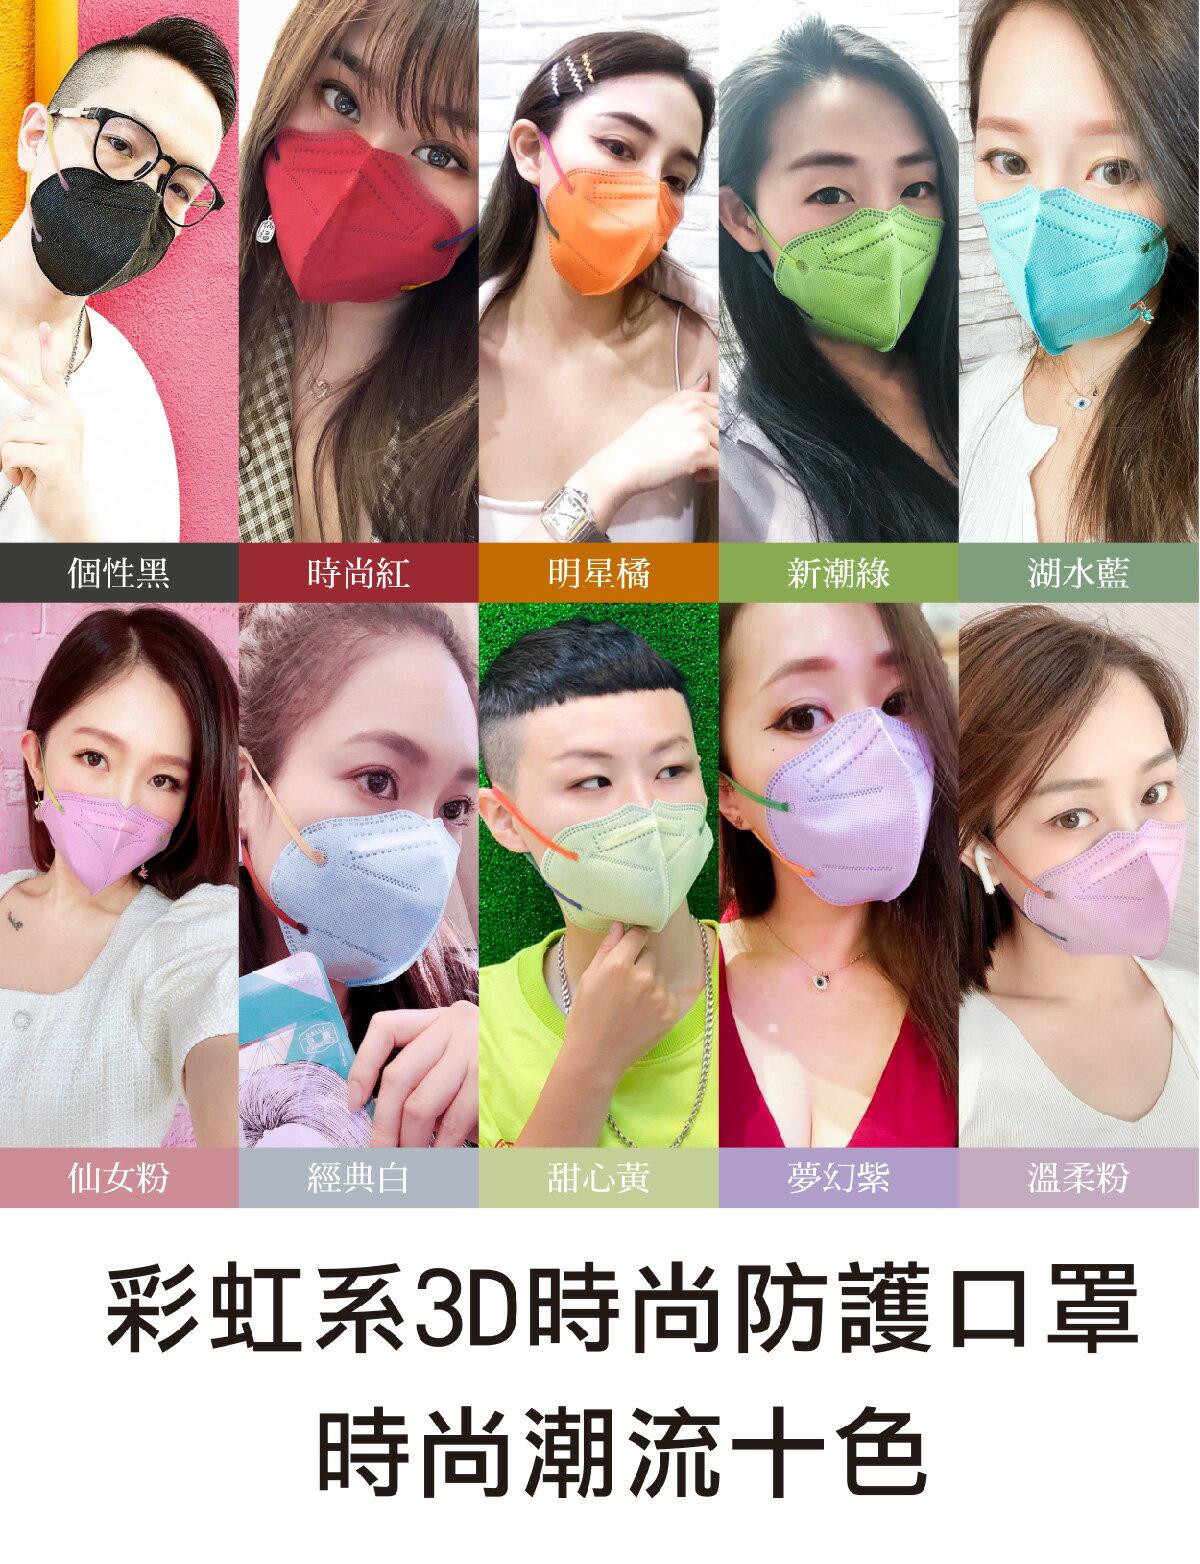 【愛比堤】彩虹系3D時尚防護口罩 時尚潮流十色 立體造型 (10片入)